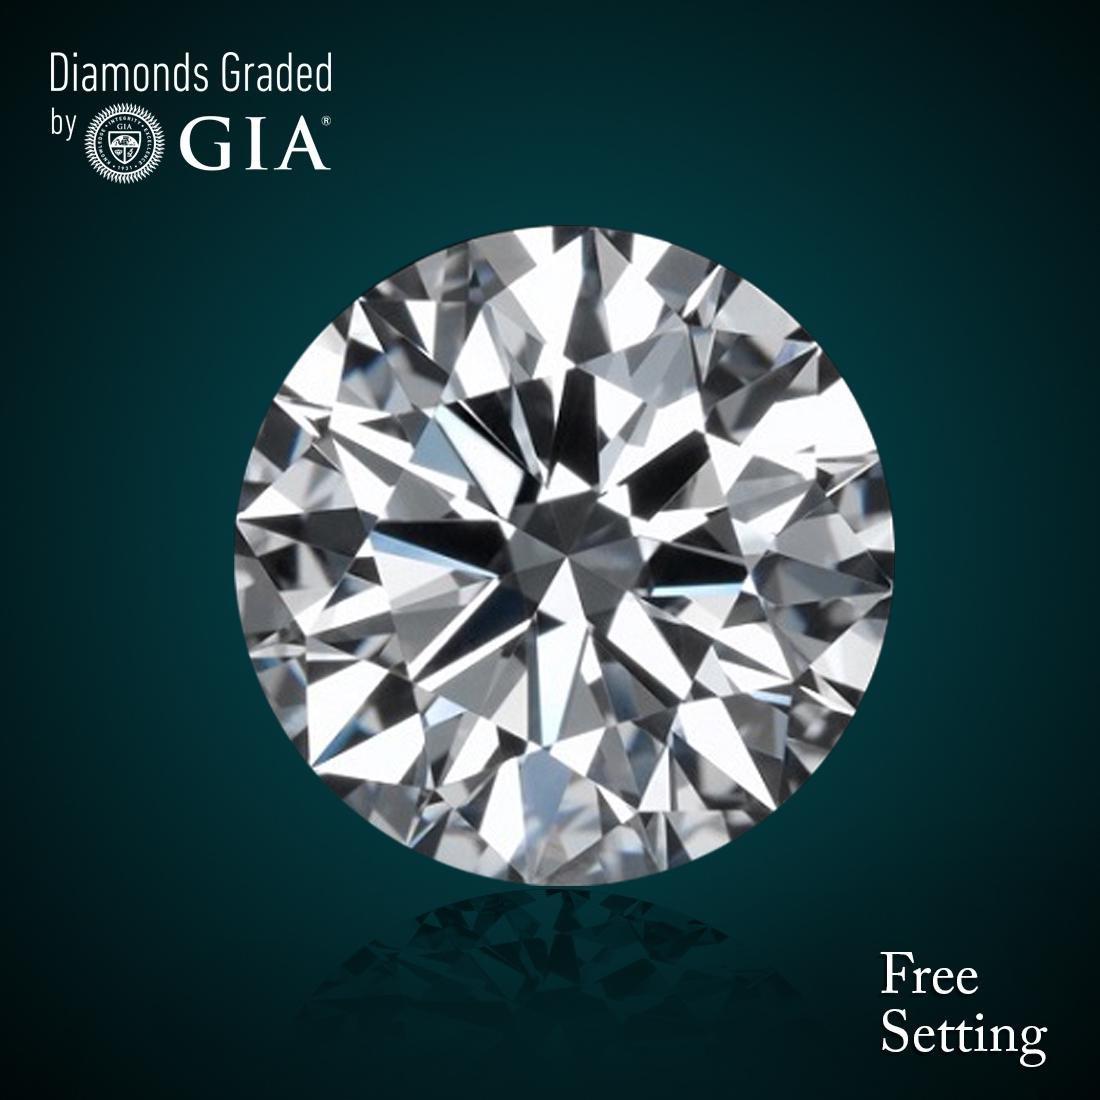 3.18 ct, Color D/FL, Round cut Diamond 45% Off Rap